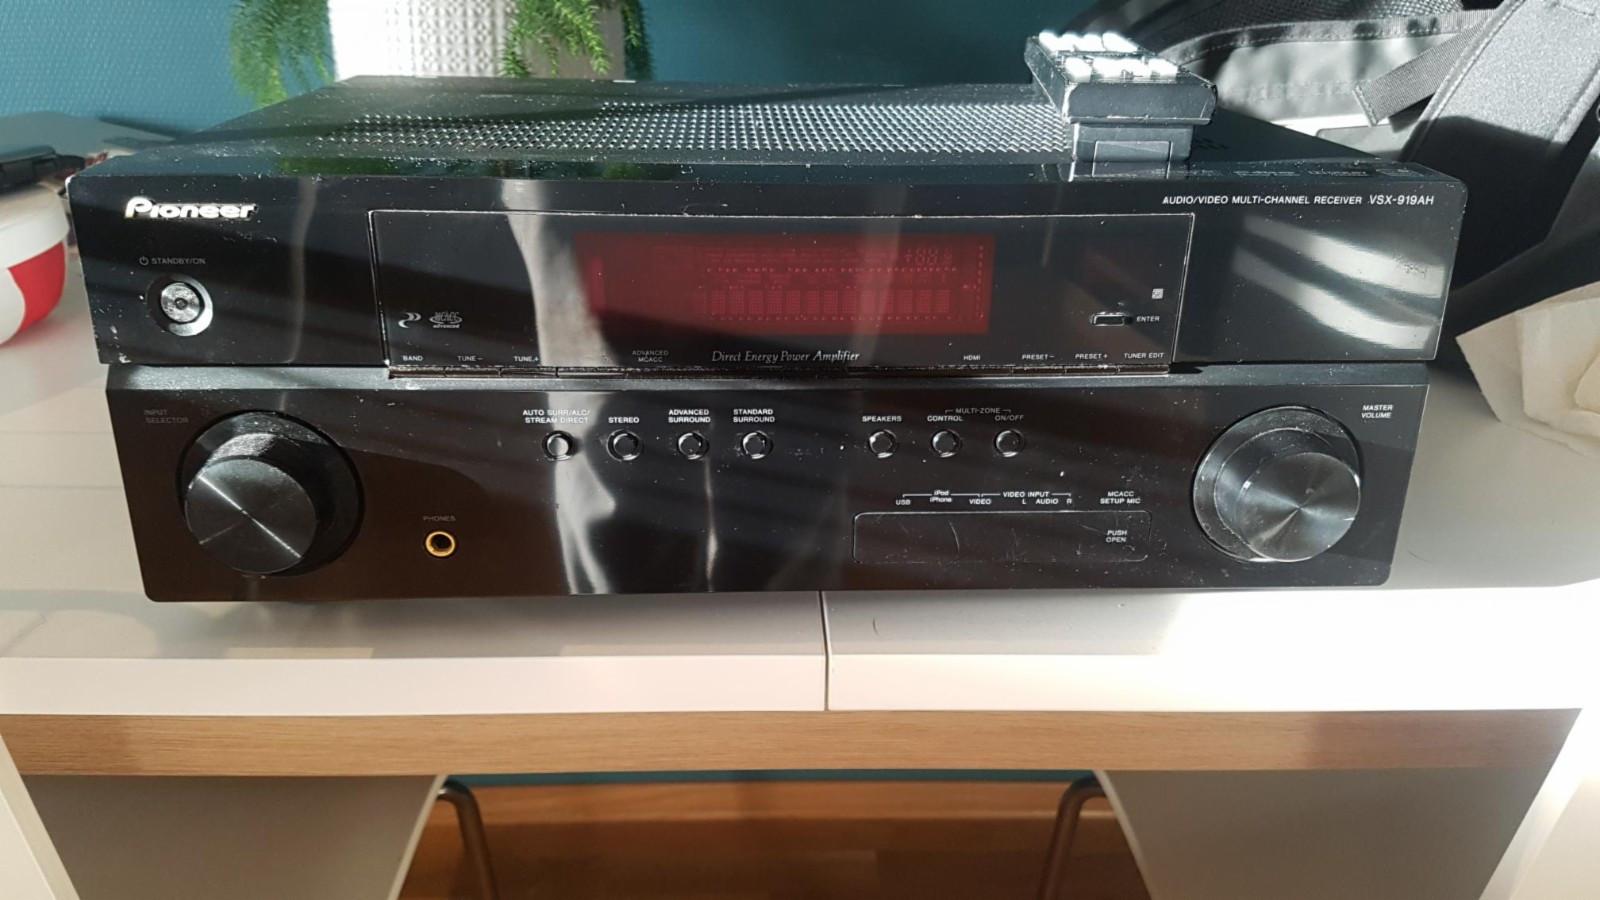 Pioneer VSX-919AH 7.1 - Hundvåg  - Pioneer VSX-919AH 7.1 Receiver  For mer info: https://www.netonnet.no/art/NoSection/Pioneer-VSX-919AH/126607.9223372036854775807/ - Hundvåg